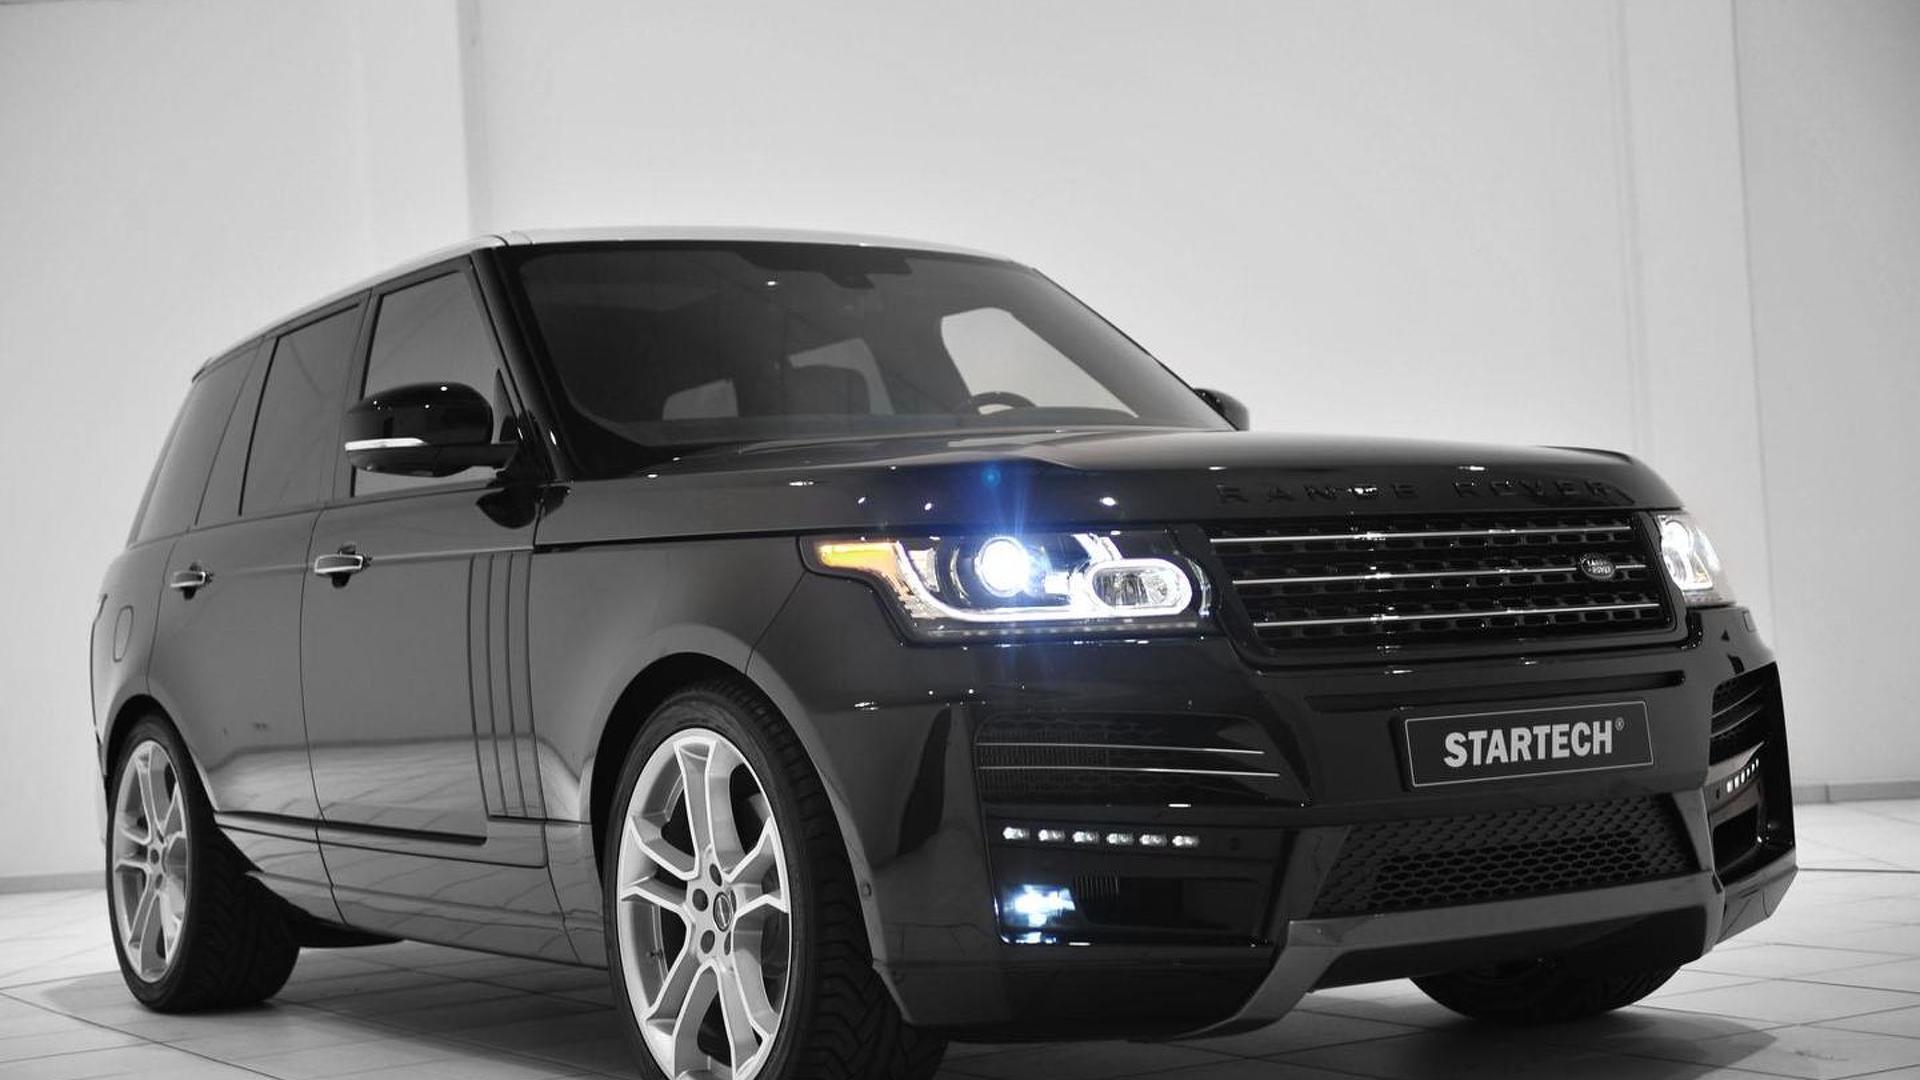 Startech Range Rover revealed for Geneva